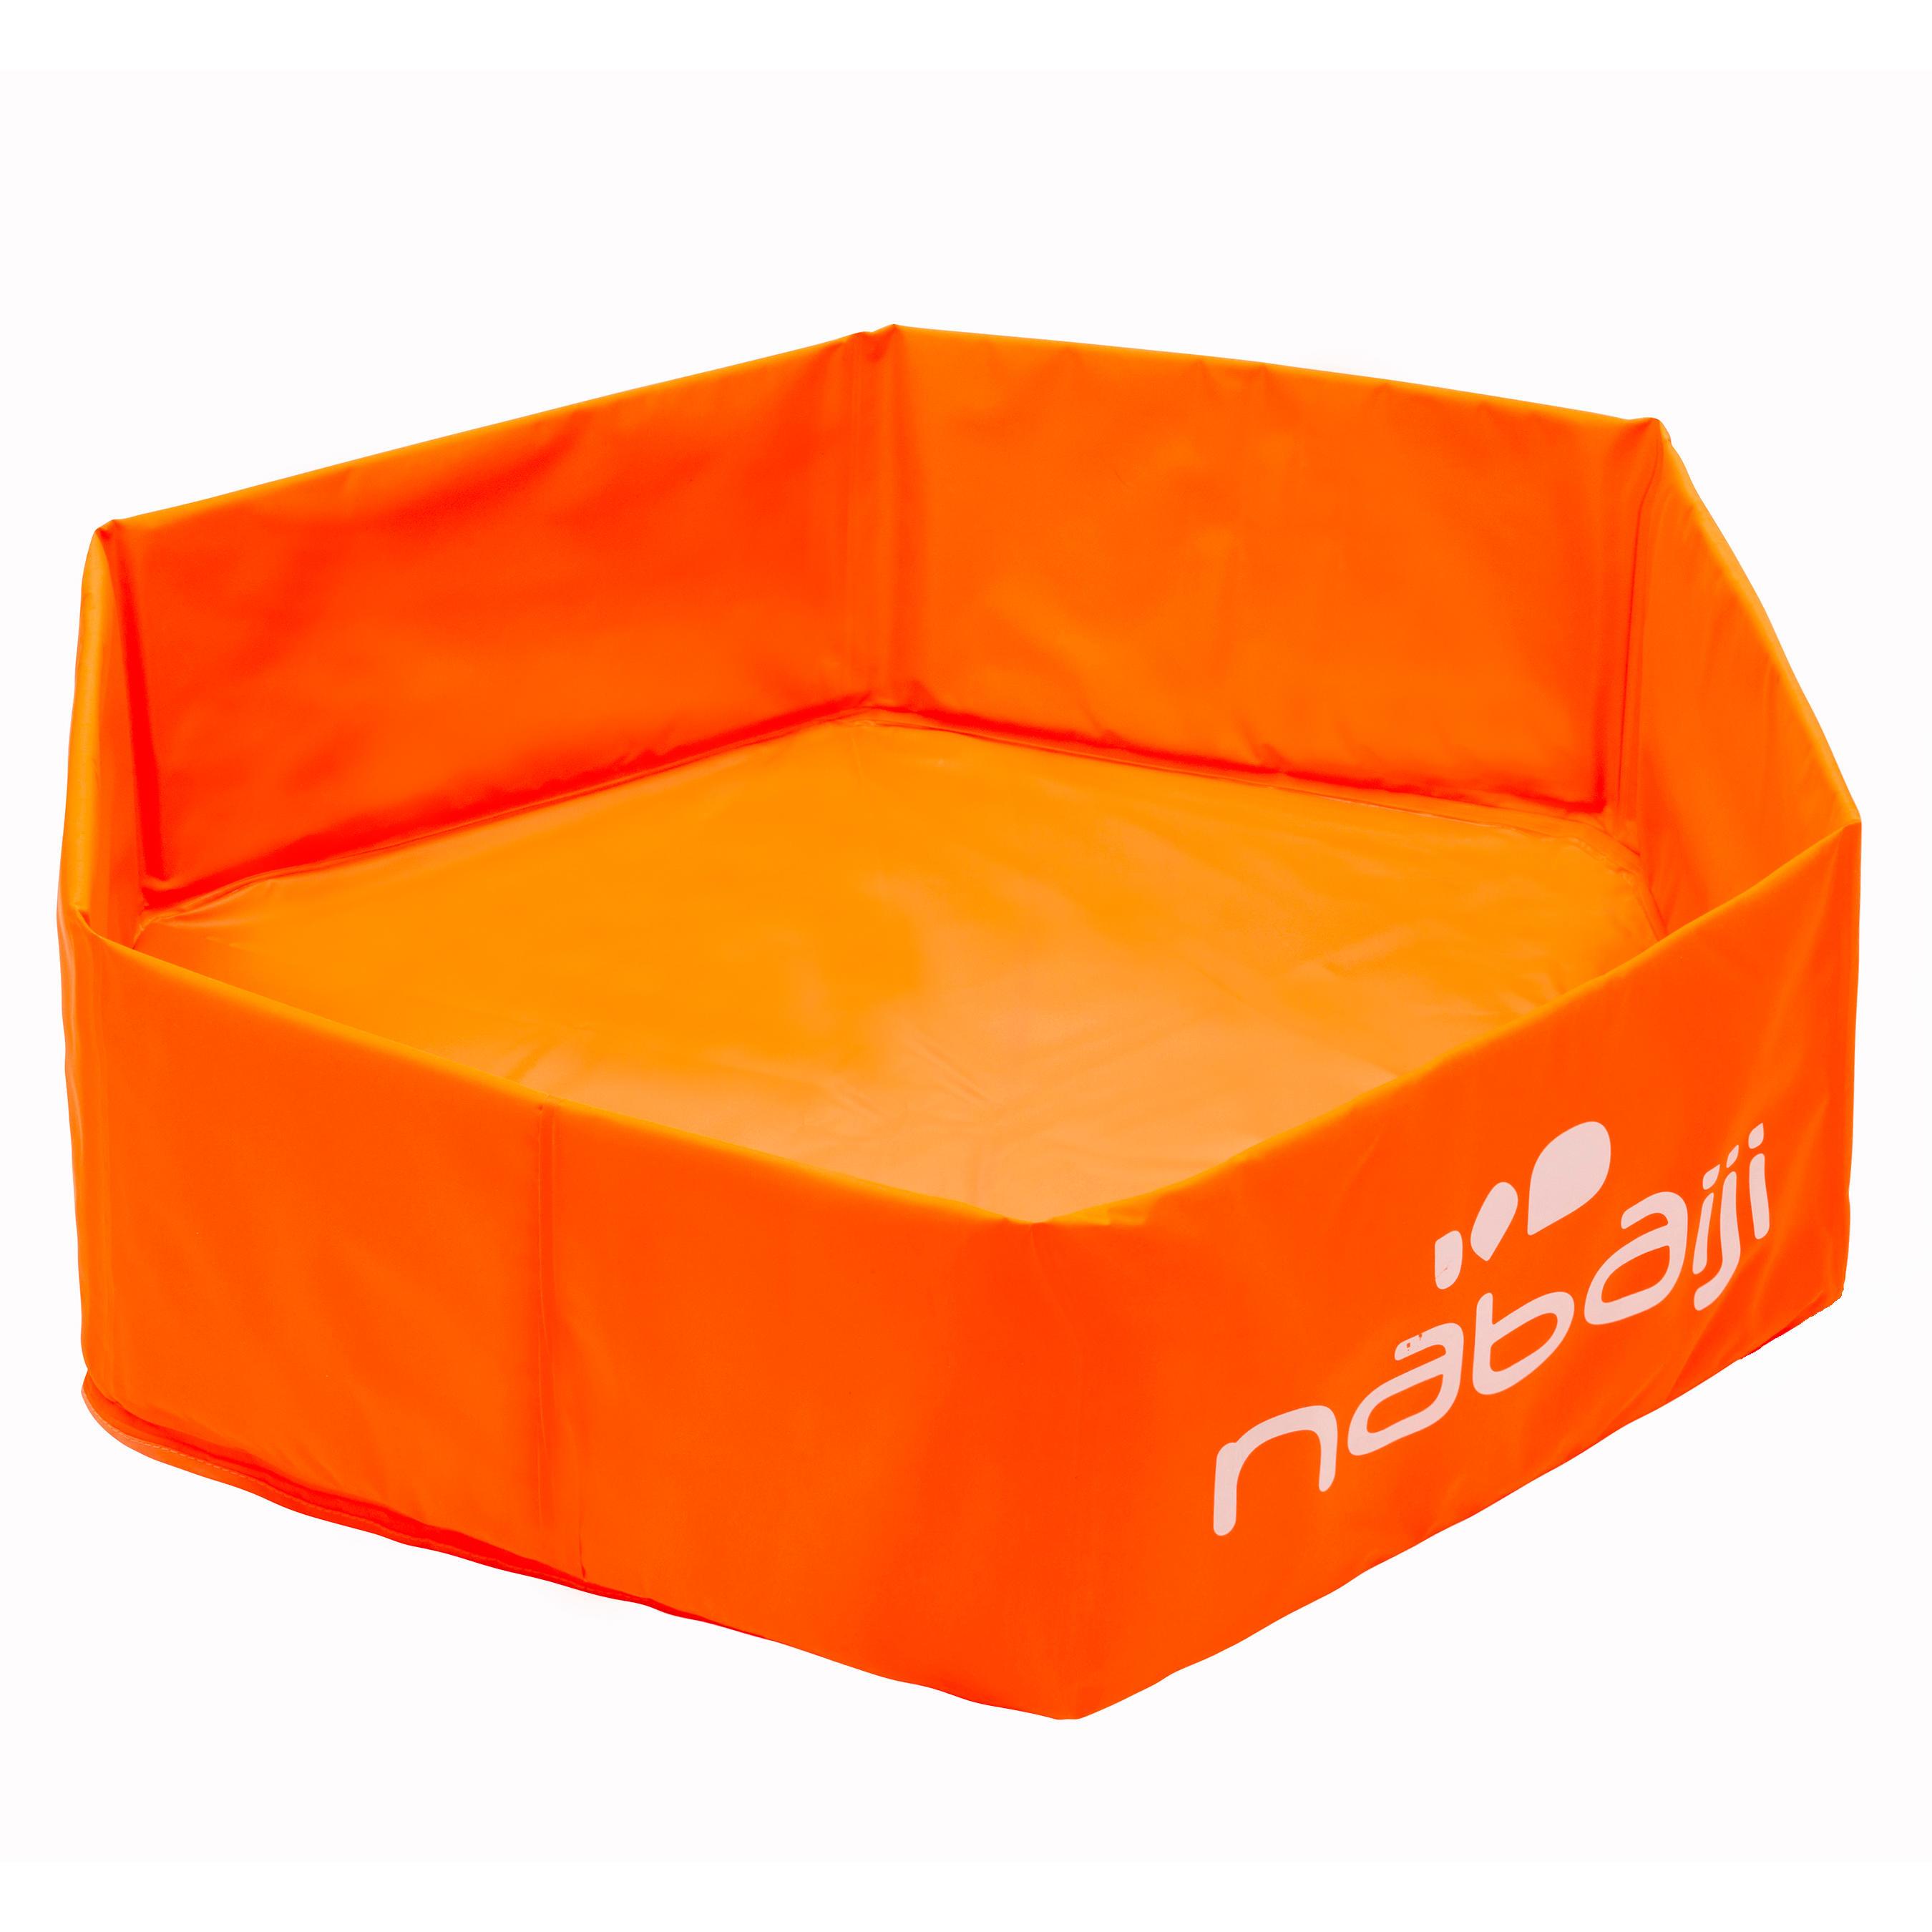 Baby,Kinder,Jungen,Kinder,Kinder Planschbecken Tidipool Basic Kinder orange | 03583788387091